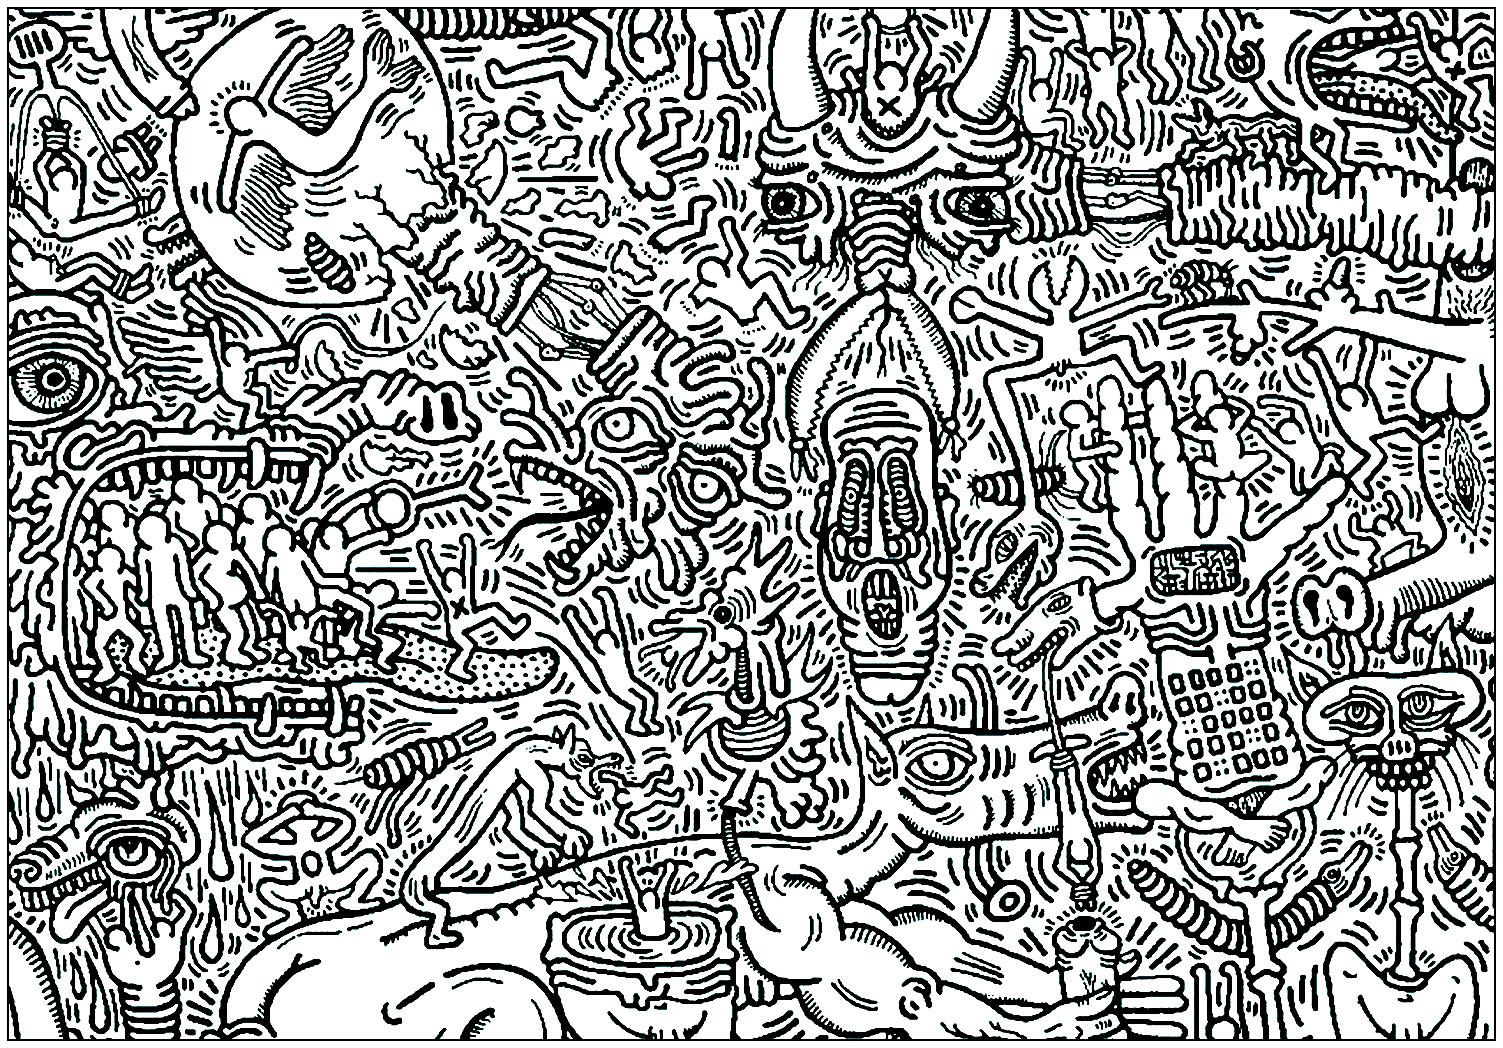 Coloriage créé à partir d'une oeuvre de Keith Haring. Il vous en faudra du temps pour venir à bout de celui-là